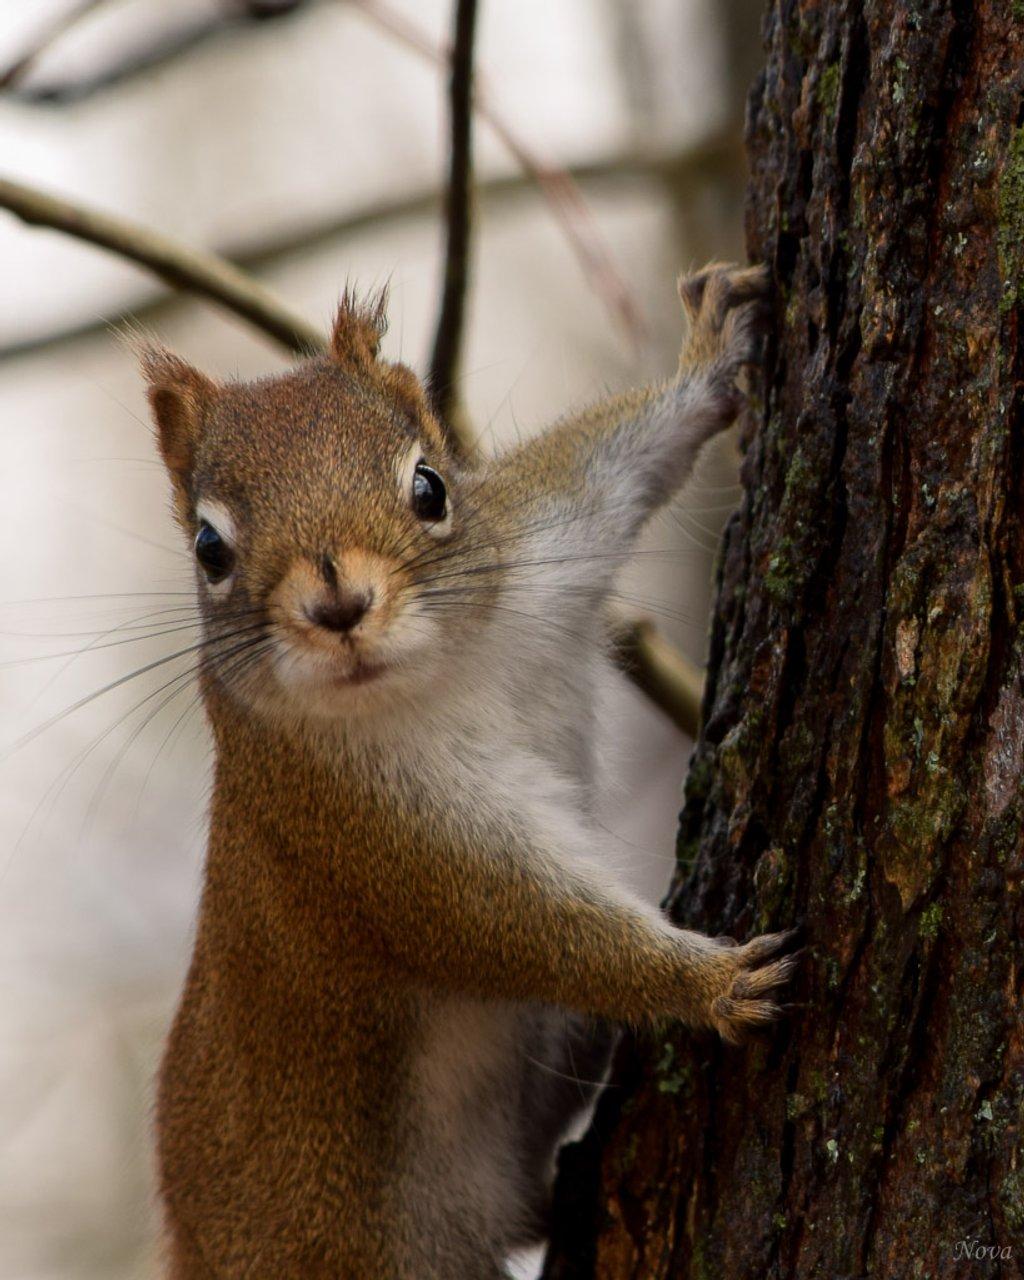 Squirrel by novab